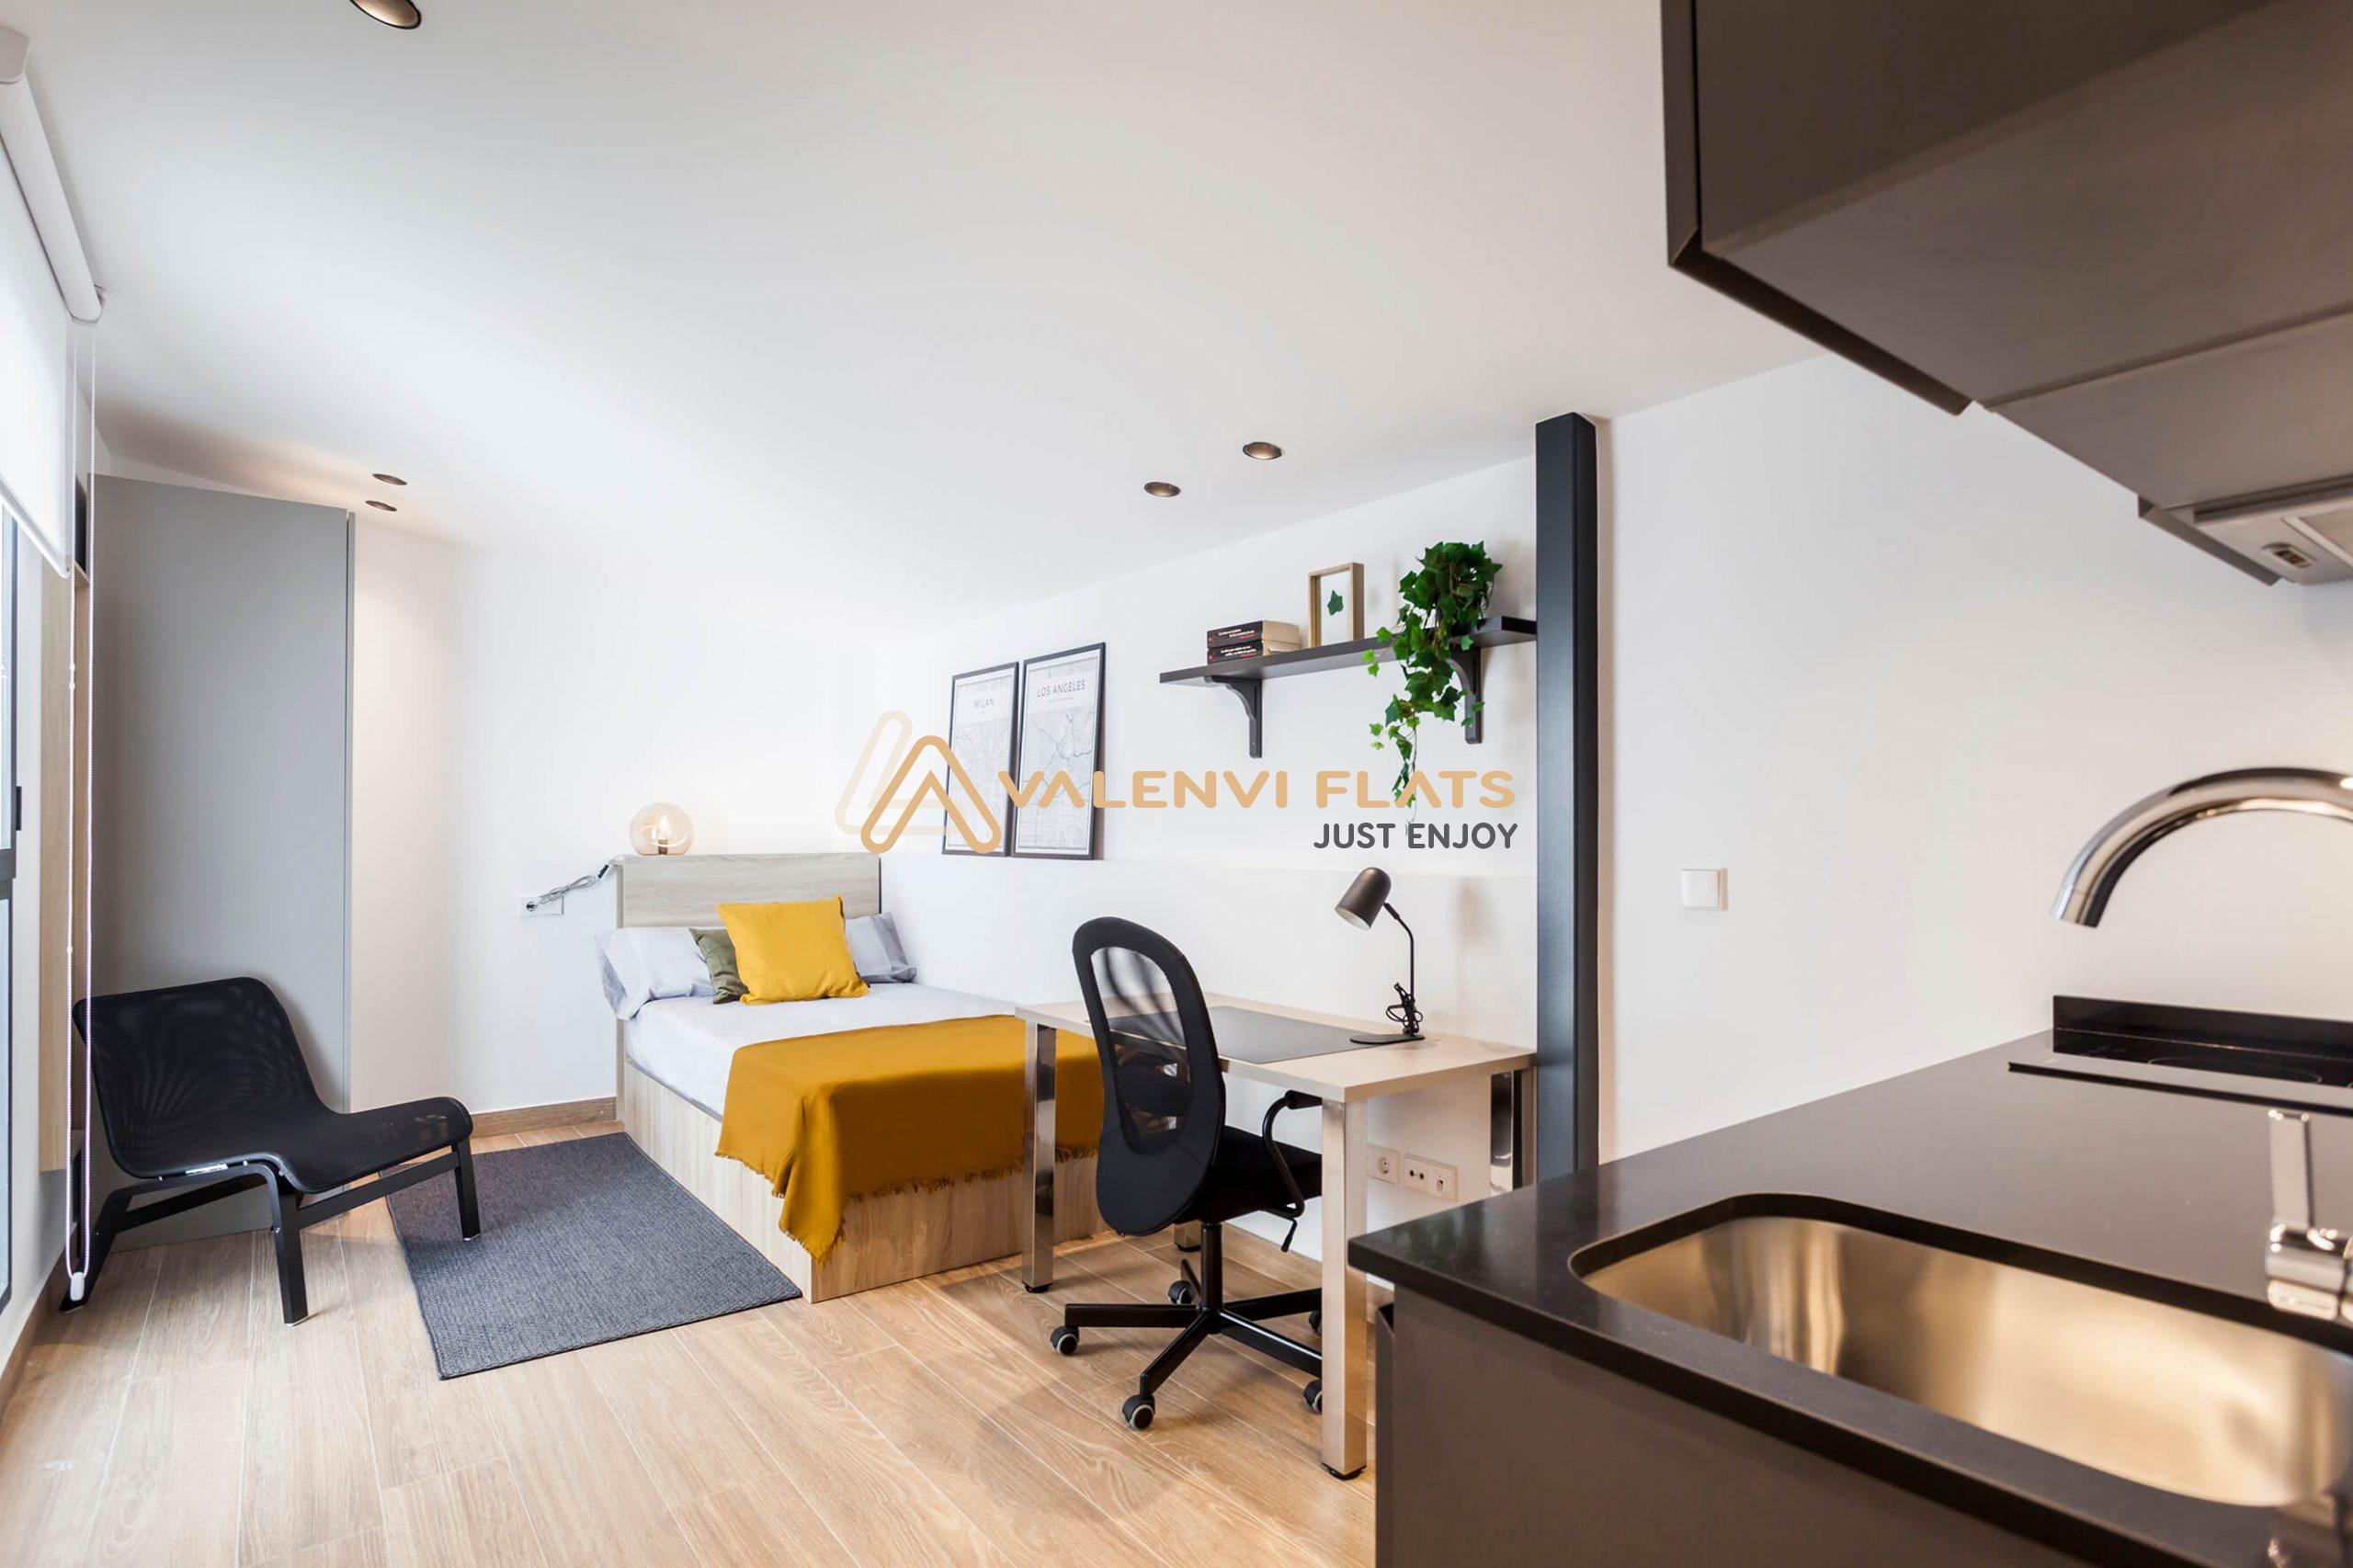 Vista abierta de todo el estudio de cama individual, con armario al fondo y sillón, decoración y escritorio y por último encimera de la cocina office